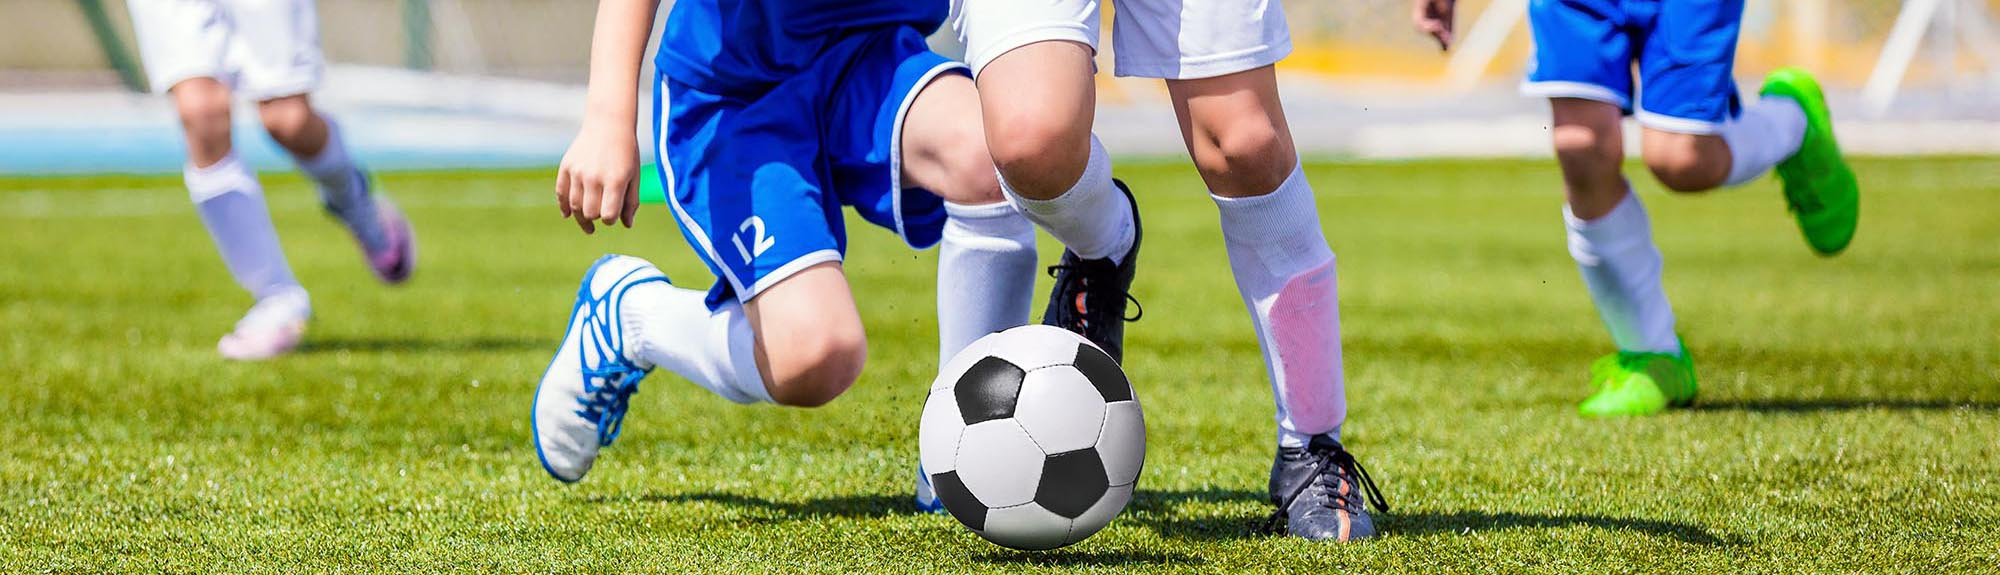 Jonge voetballers